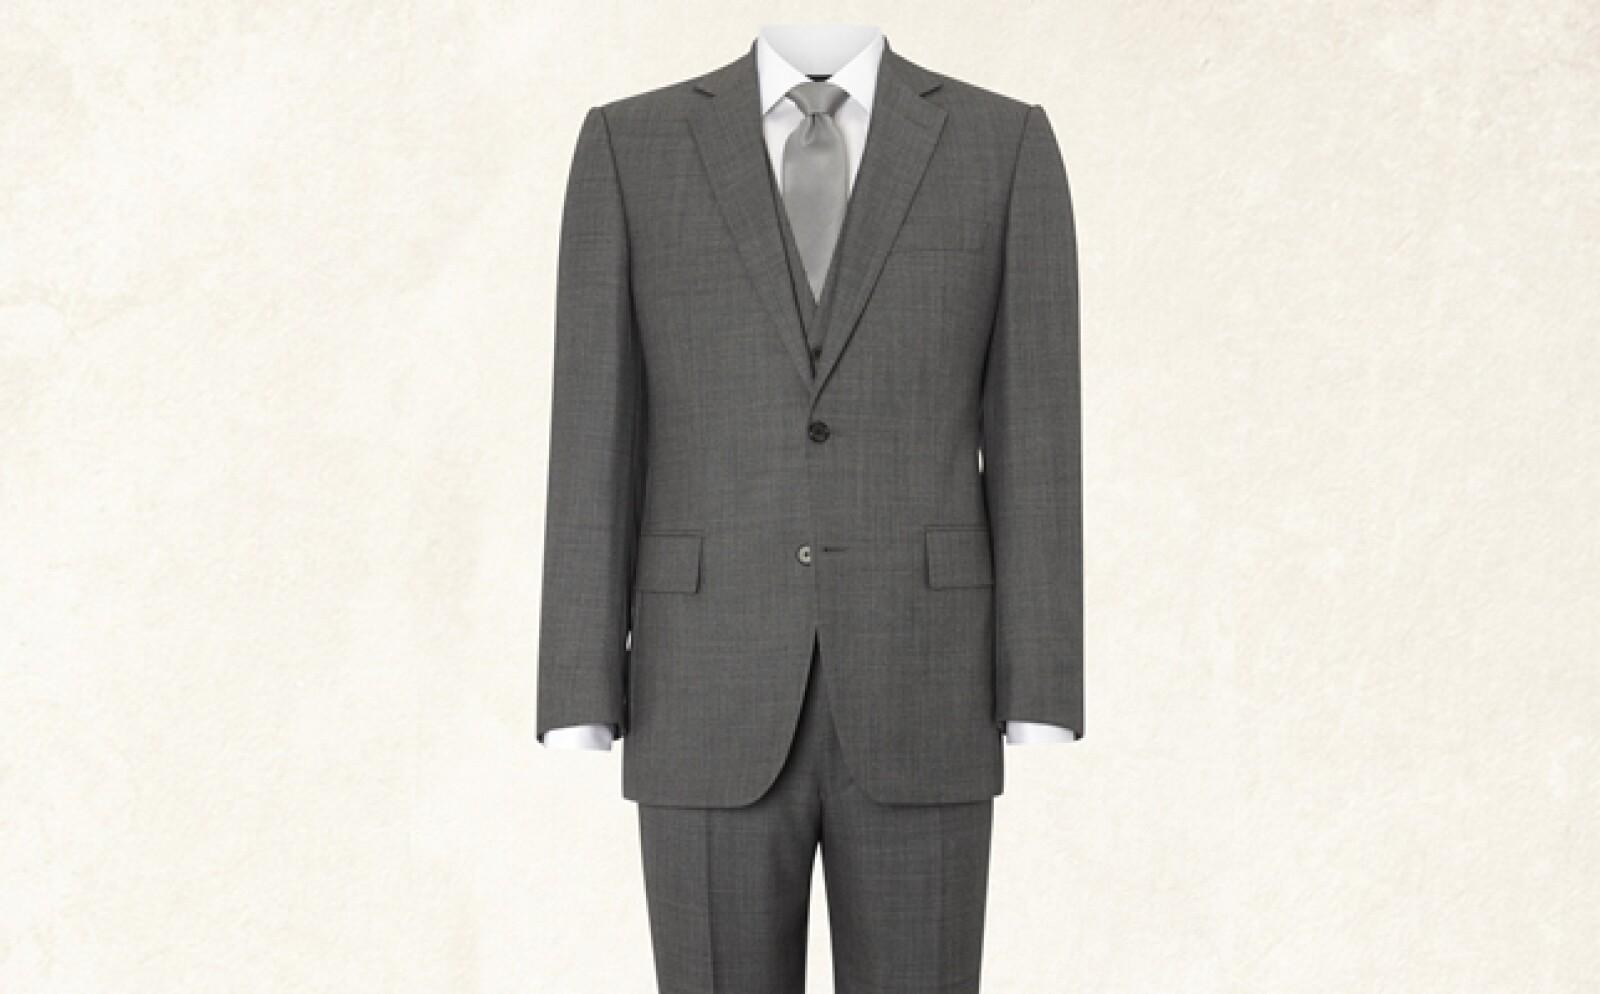 Si eres de baja estatura, lo ideal es que la camisa siempre vaya dentro del pantalón.